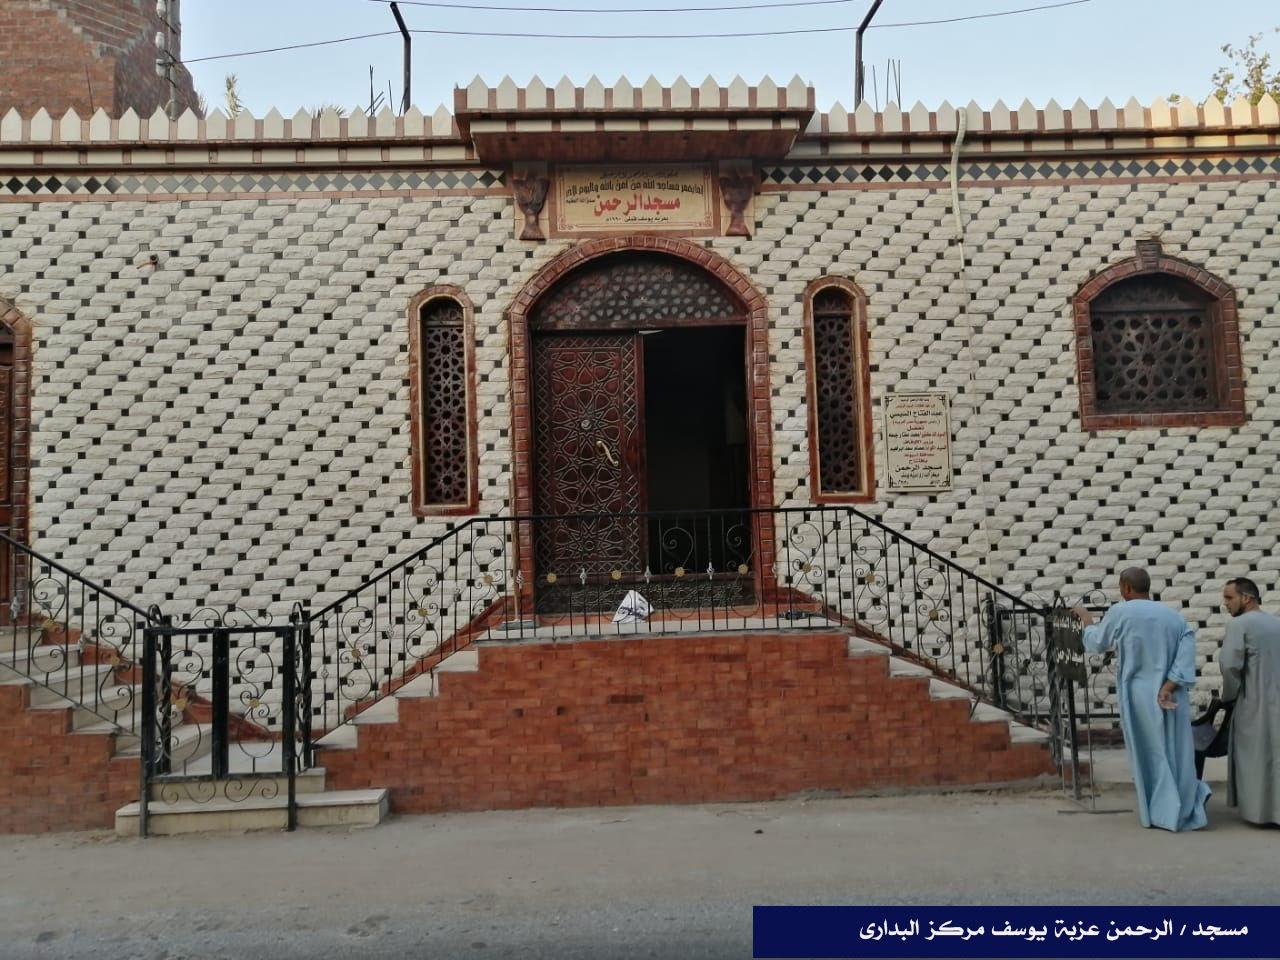 افتتاح 9 مساجد جديدة فى محافظة أسيوط (4)